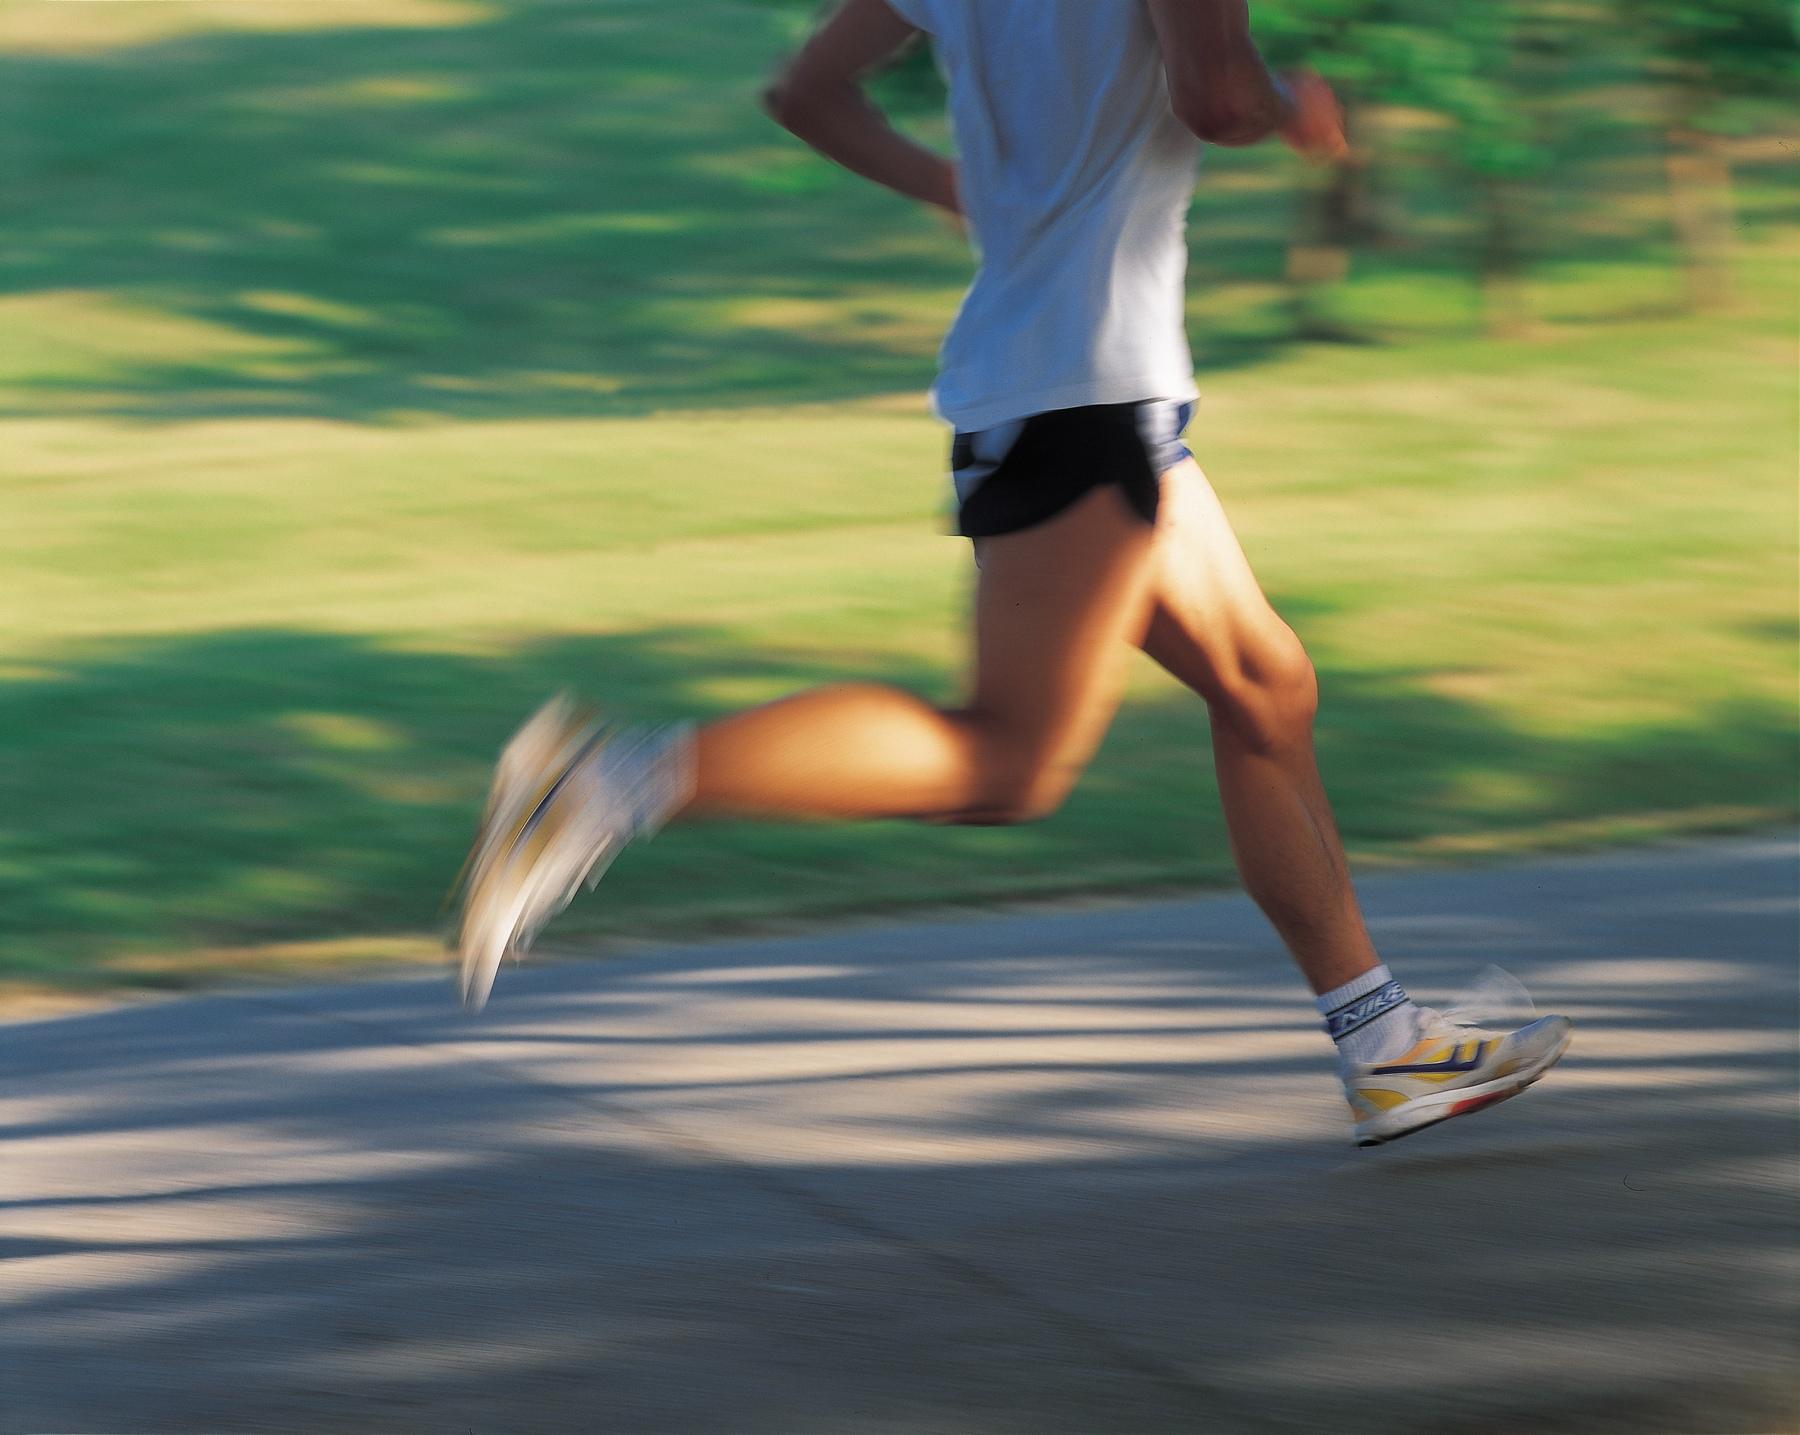 Practicar ejercicio antes o después de desayunar